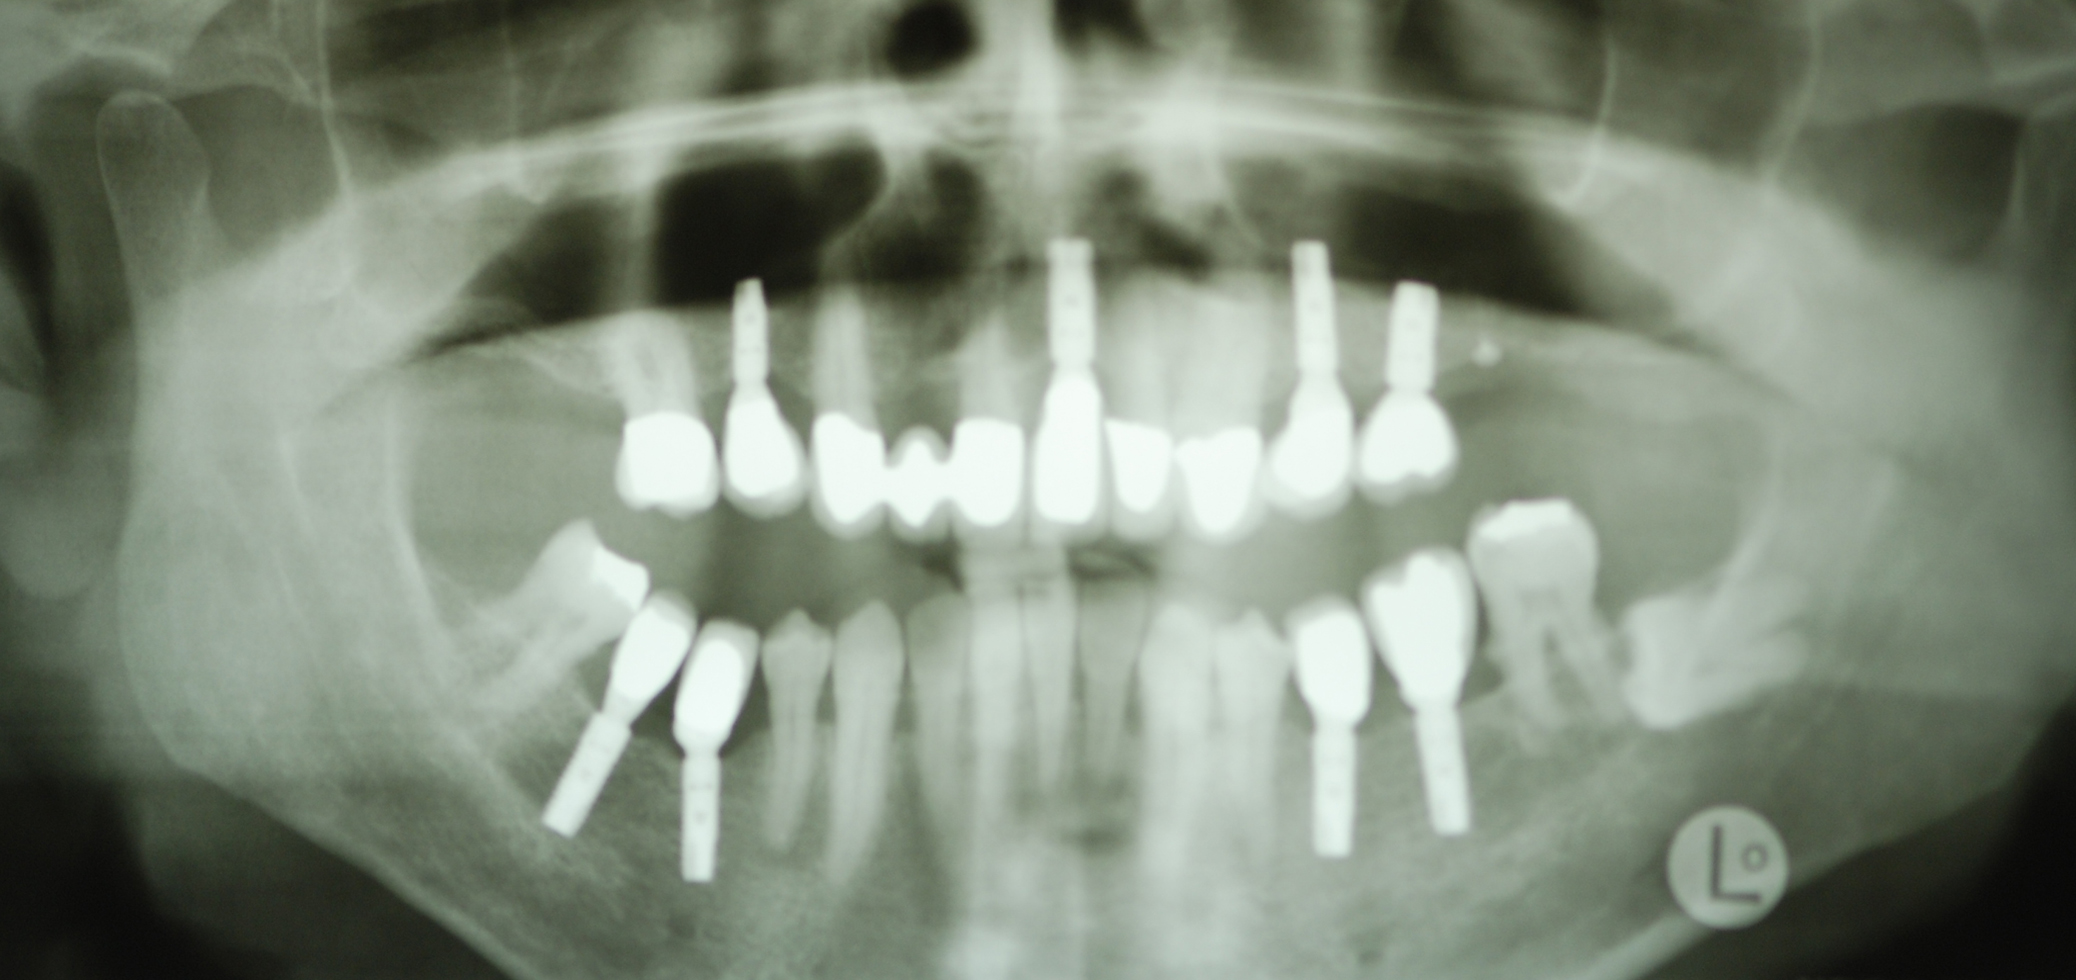 Implantate statt dritte Zähne